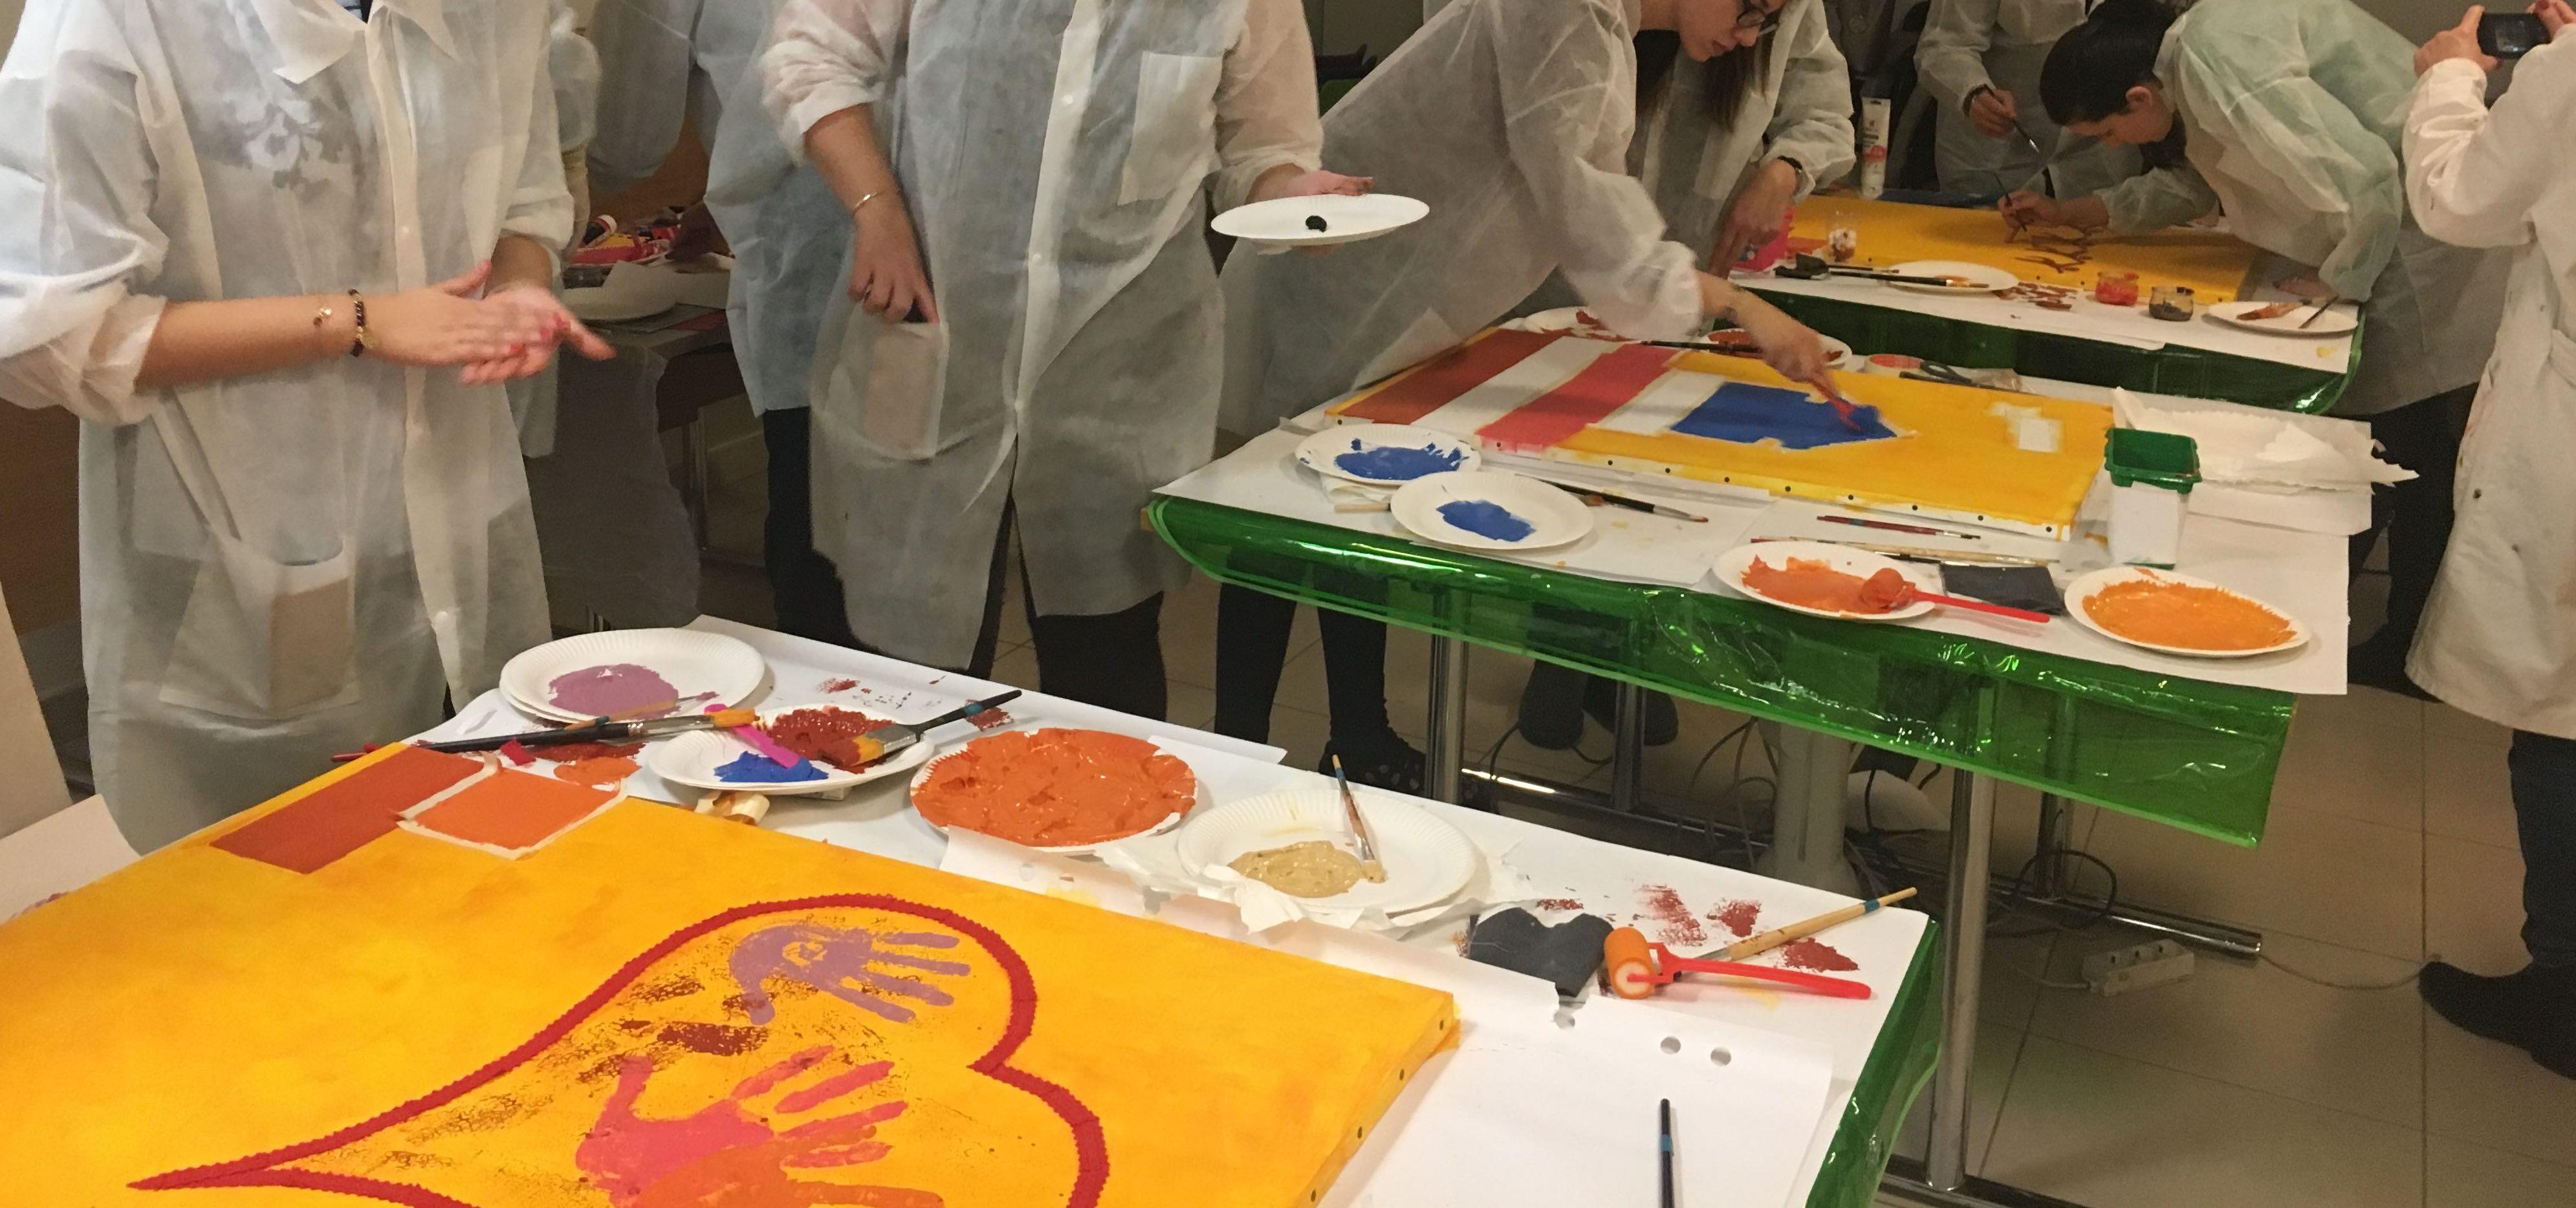 atelier artistique fresque en entreprise oeuvre collective team building